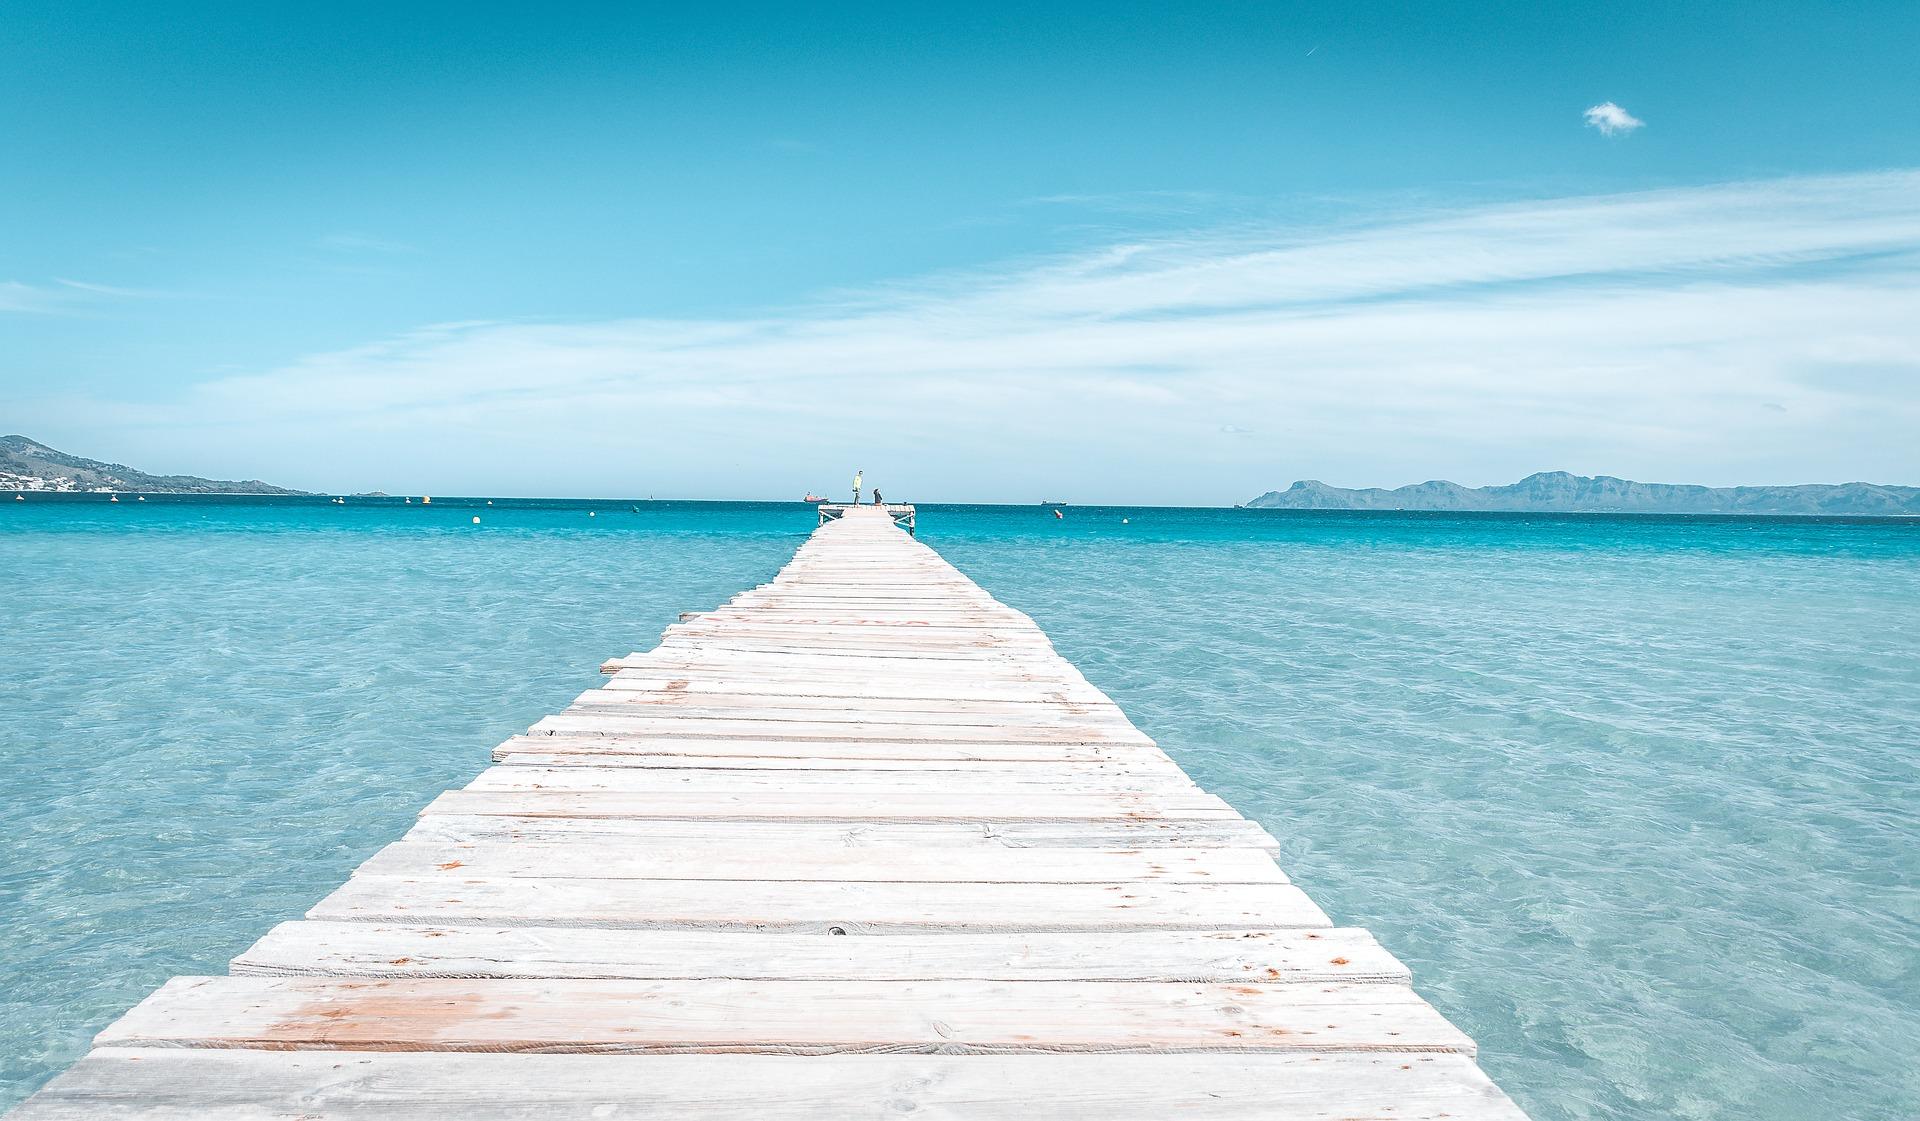 Übers Wochenende nach Mallorca ab 37,00€ Wochendtrip auf die Balearen